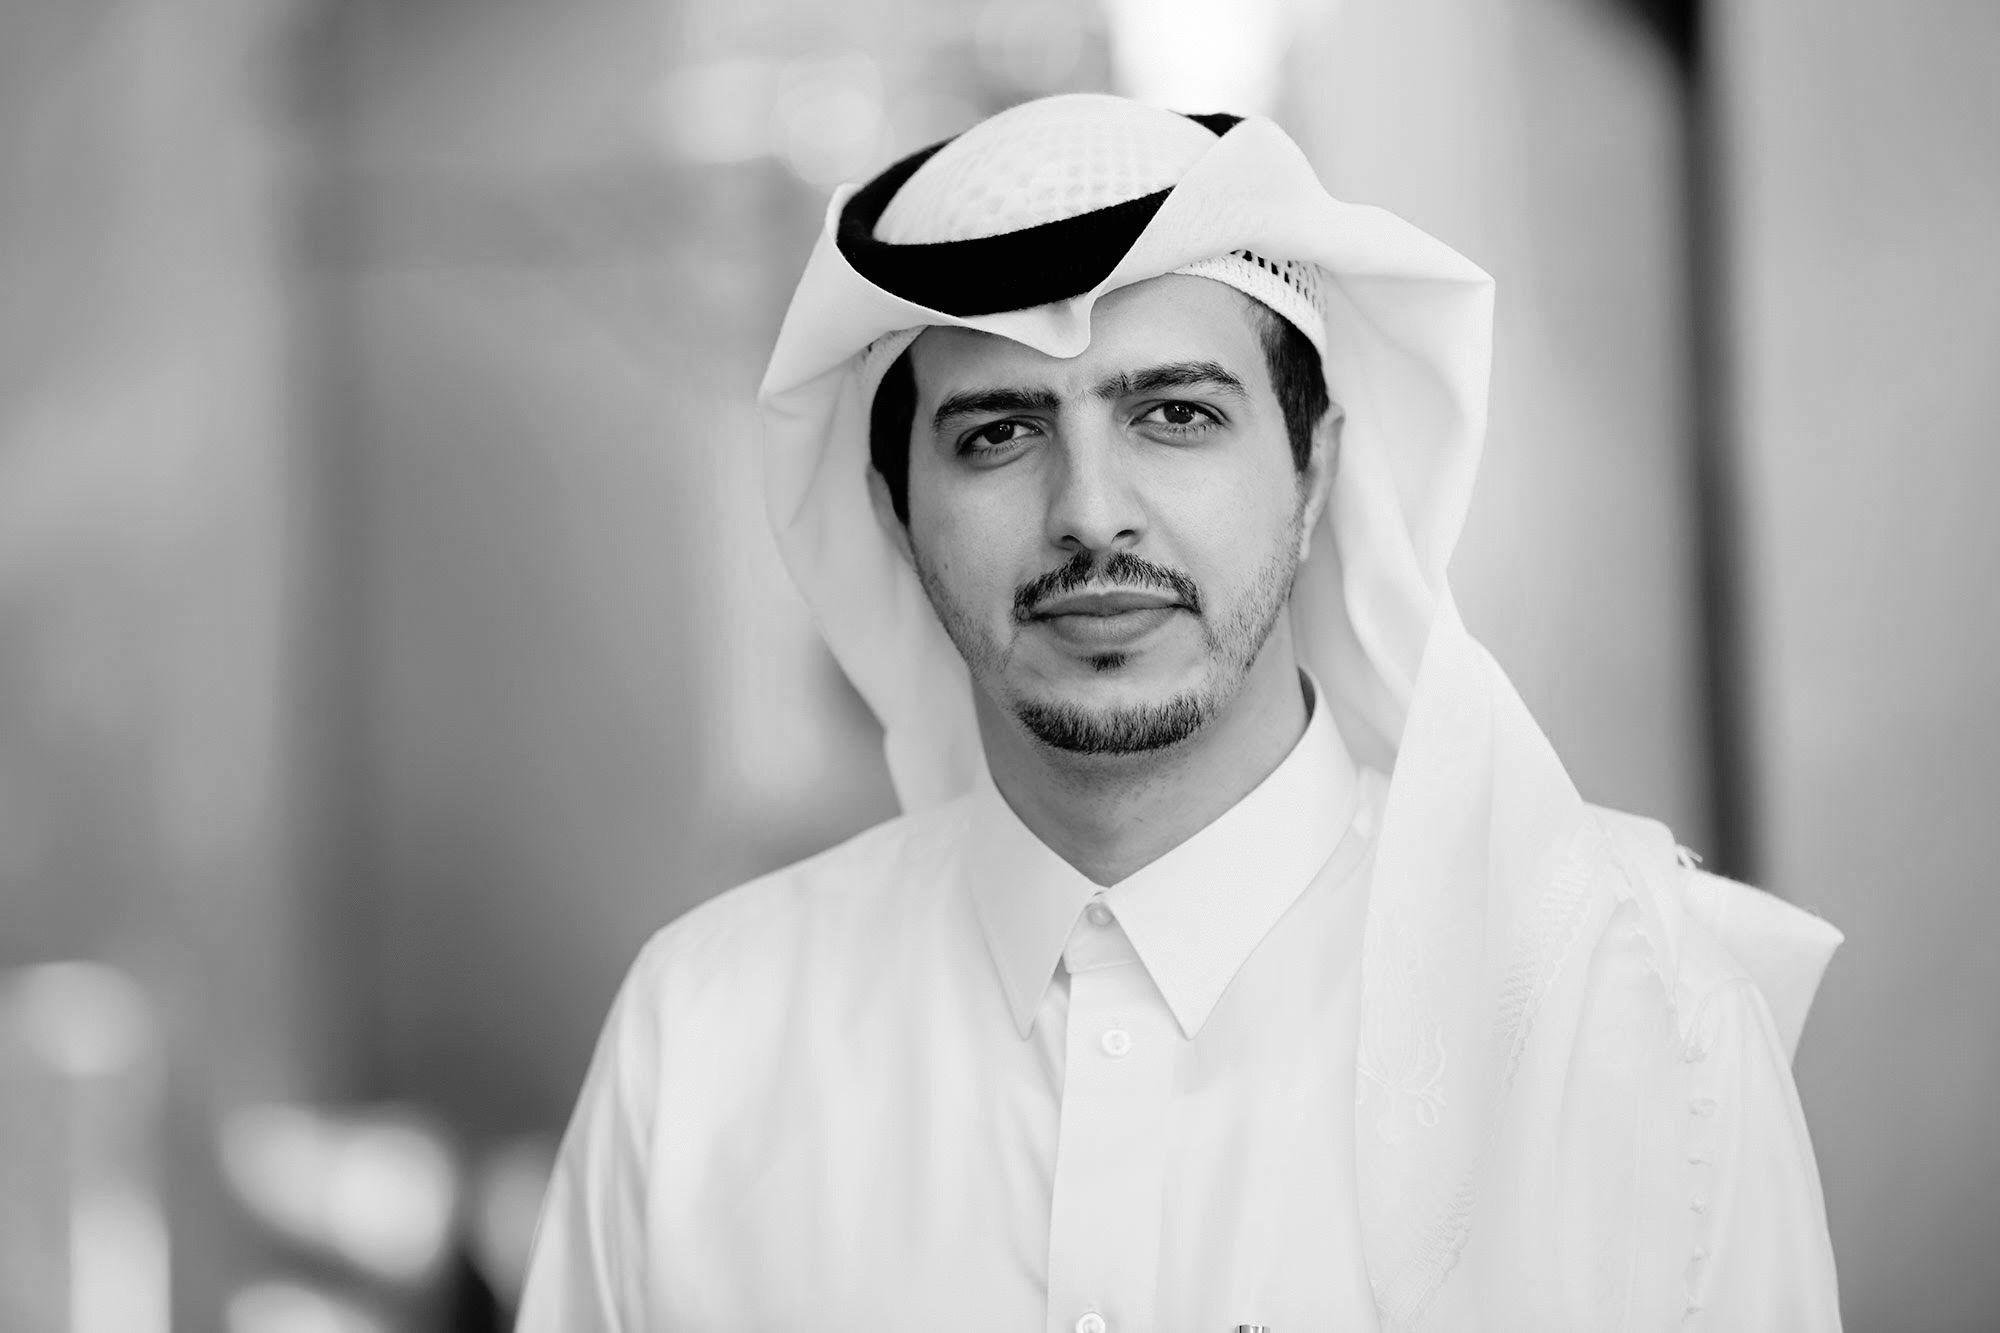 عبدالرحمن الشهري Headshot